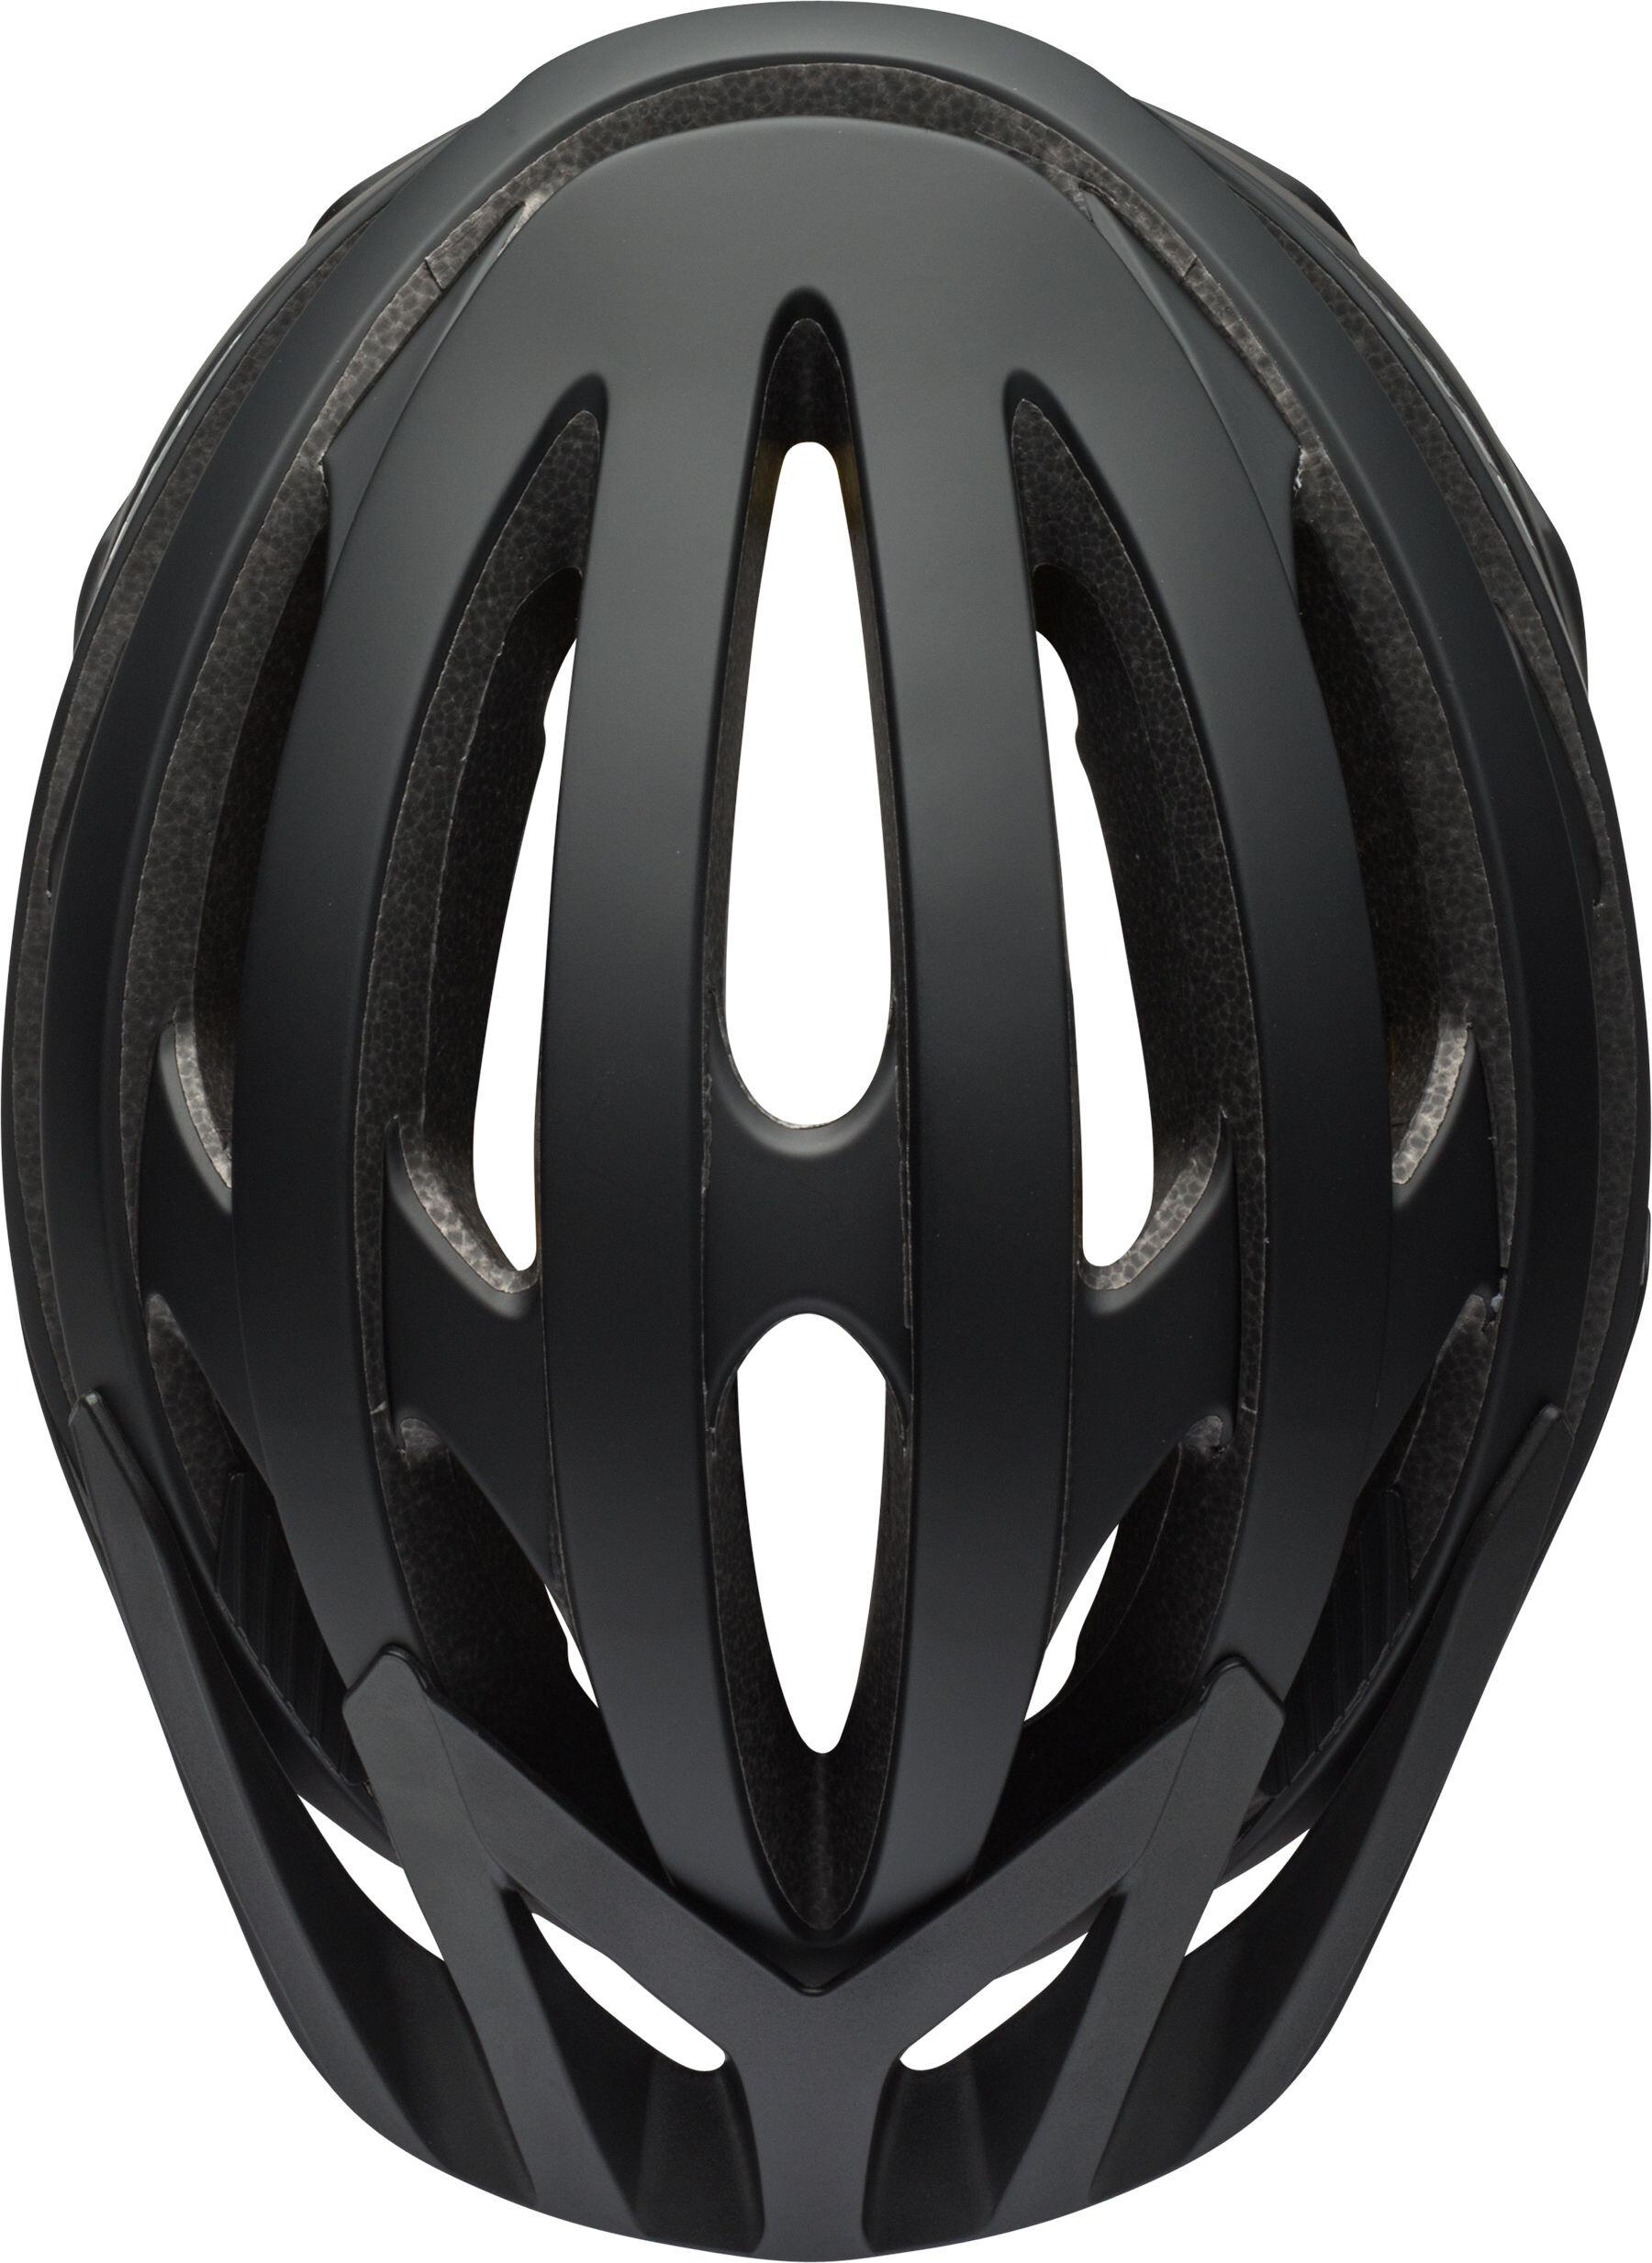 bell catalyst mips bike helmet black at. Black Bedroom Furniture Sets. Home Design Ideas